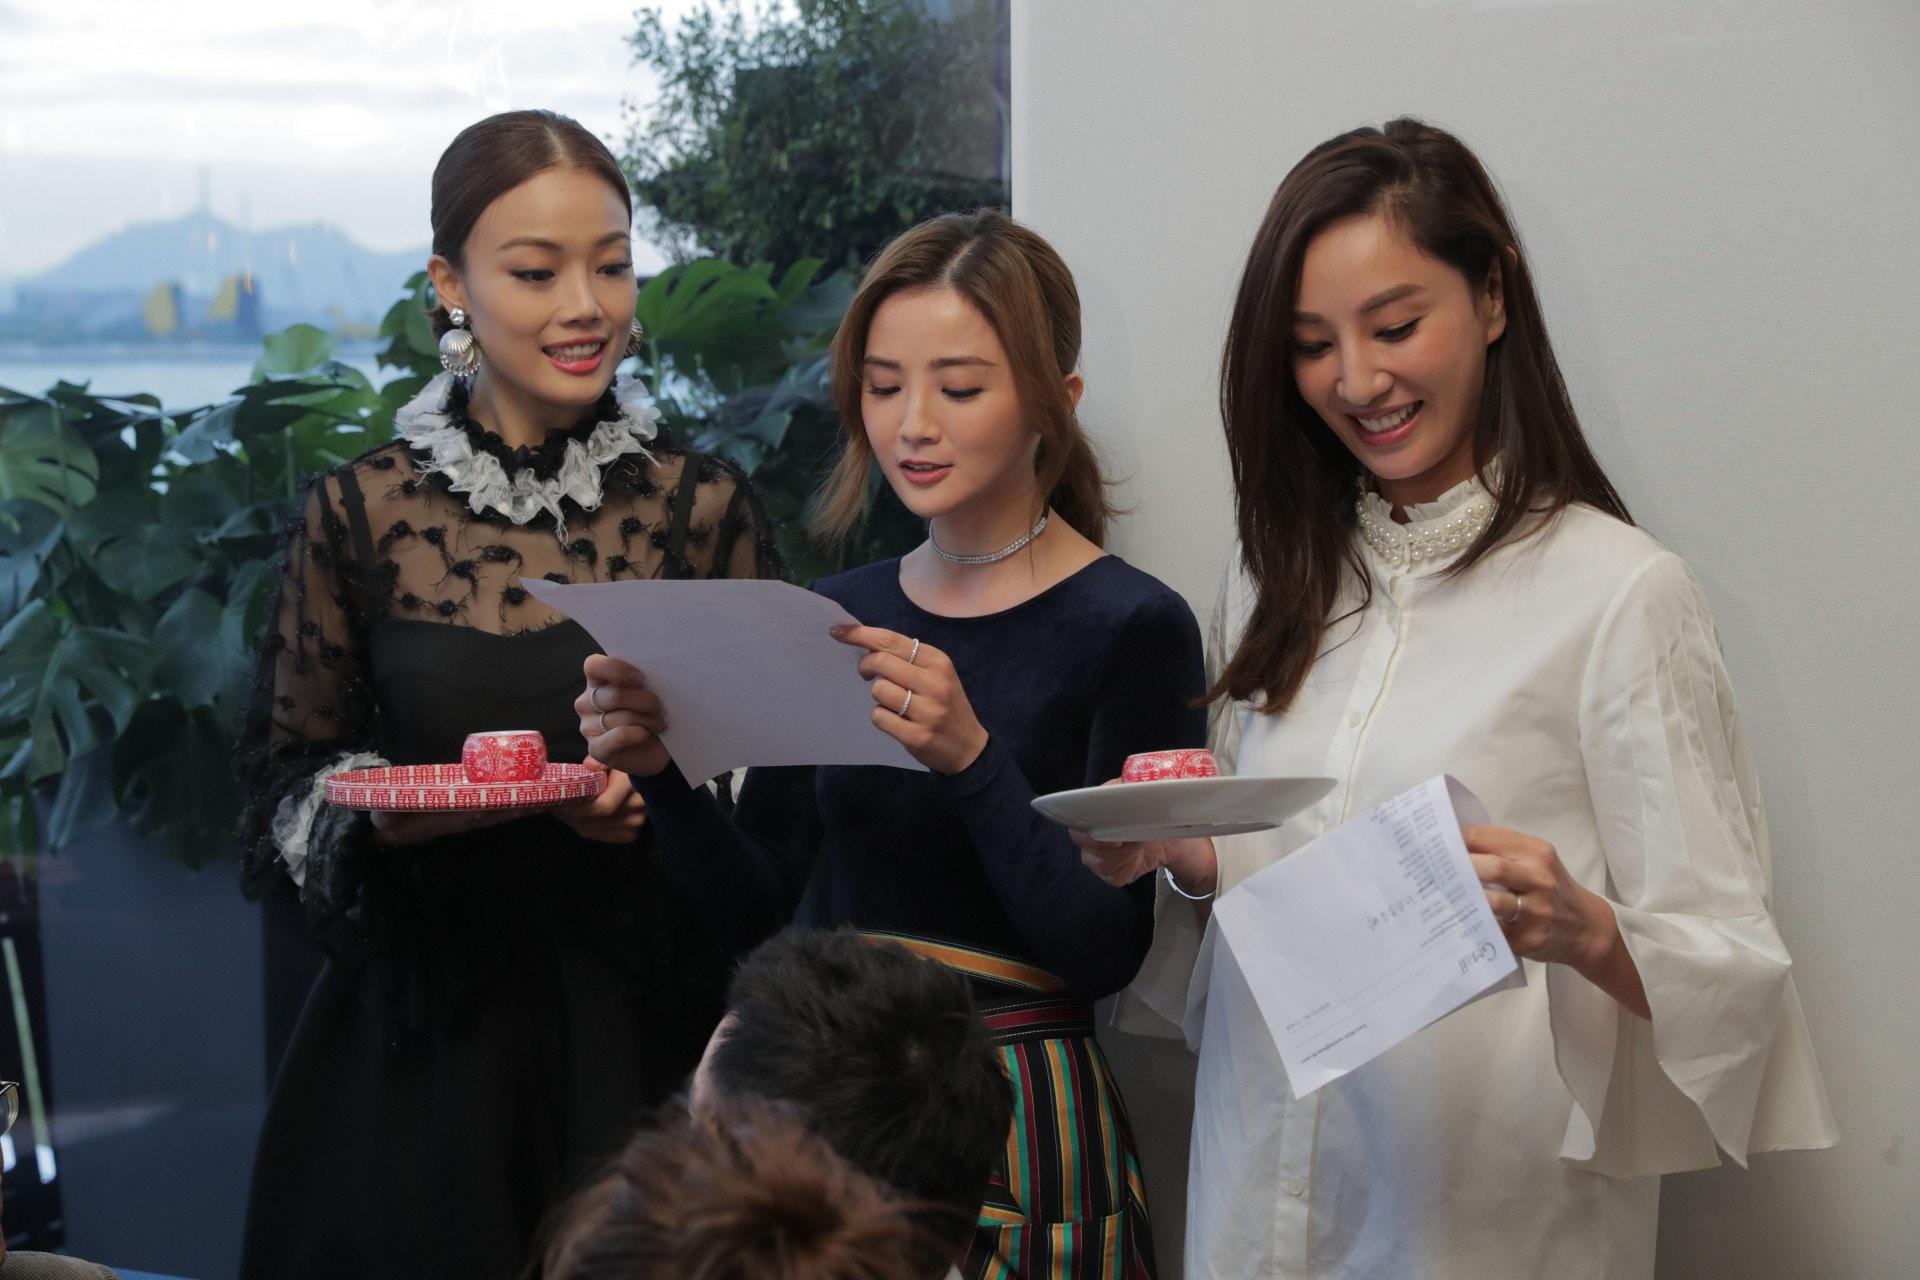 星級婚訊(1) 鍾欣潼舉行戶外註冊儀式︳成為幸福醫生夫人